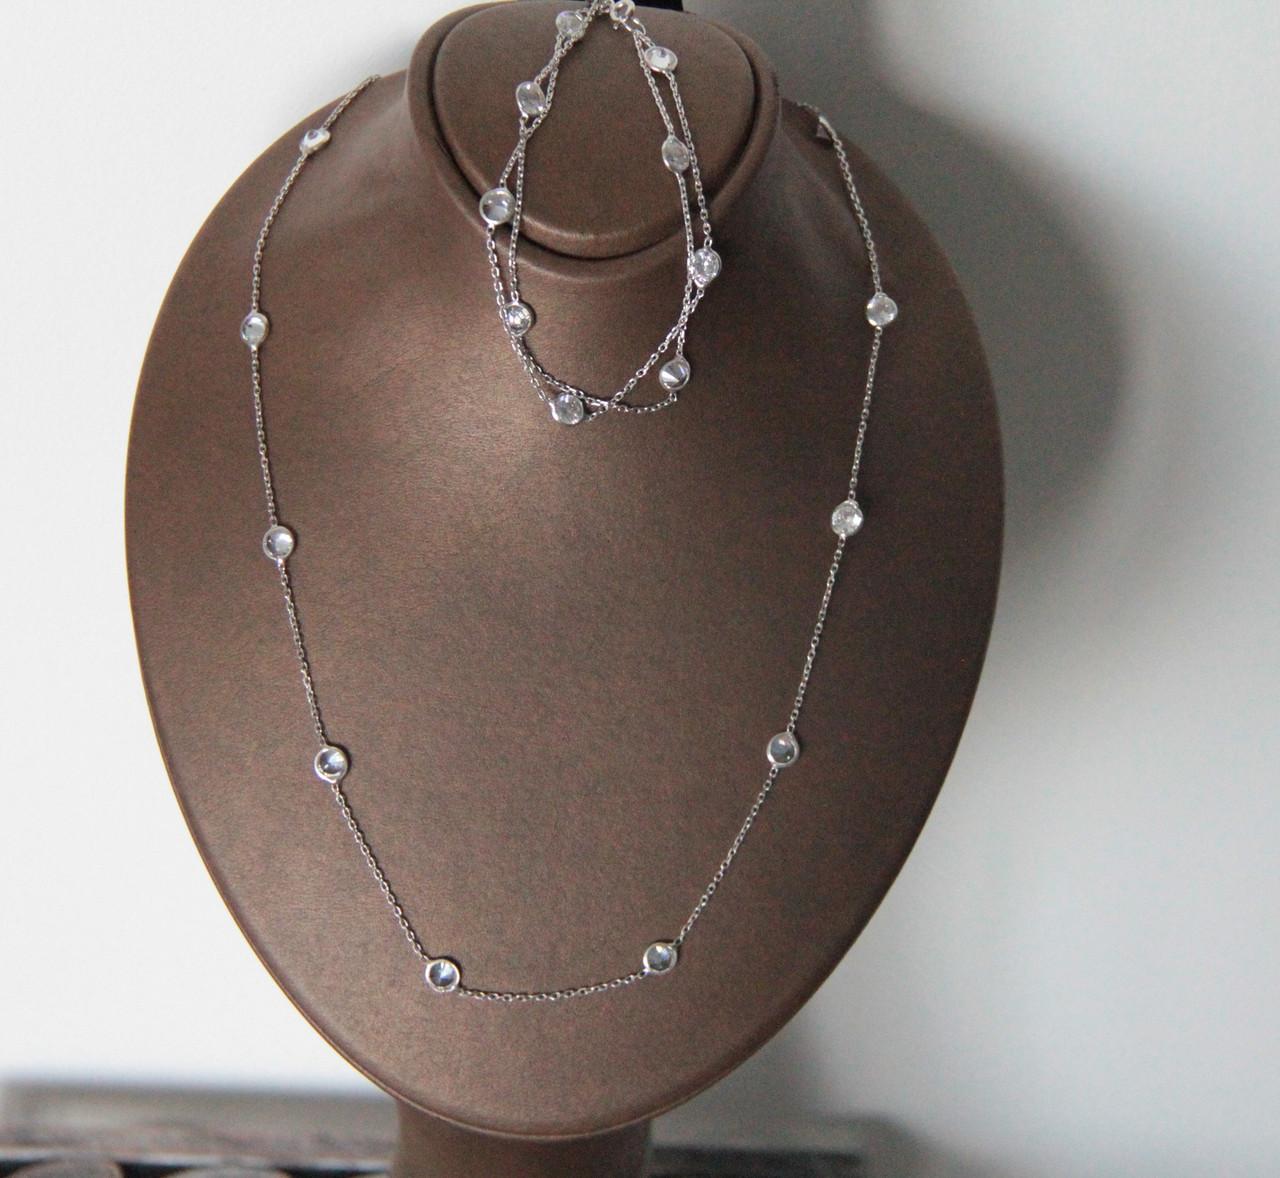 Набор  украшений Мої прикраси из серебра черн. и бел. камни